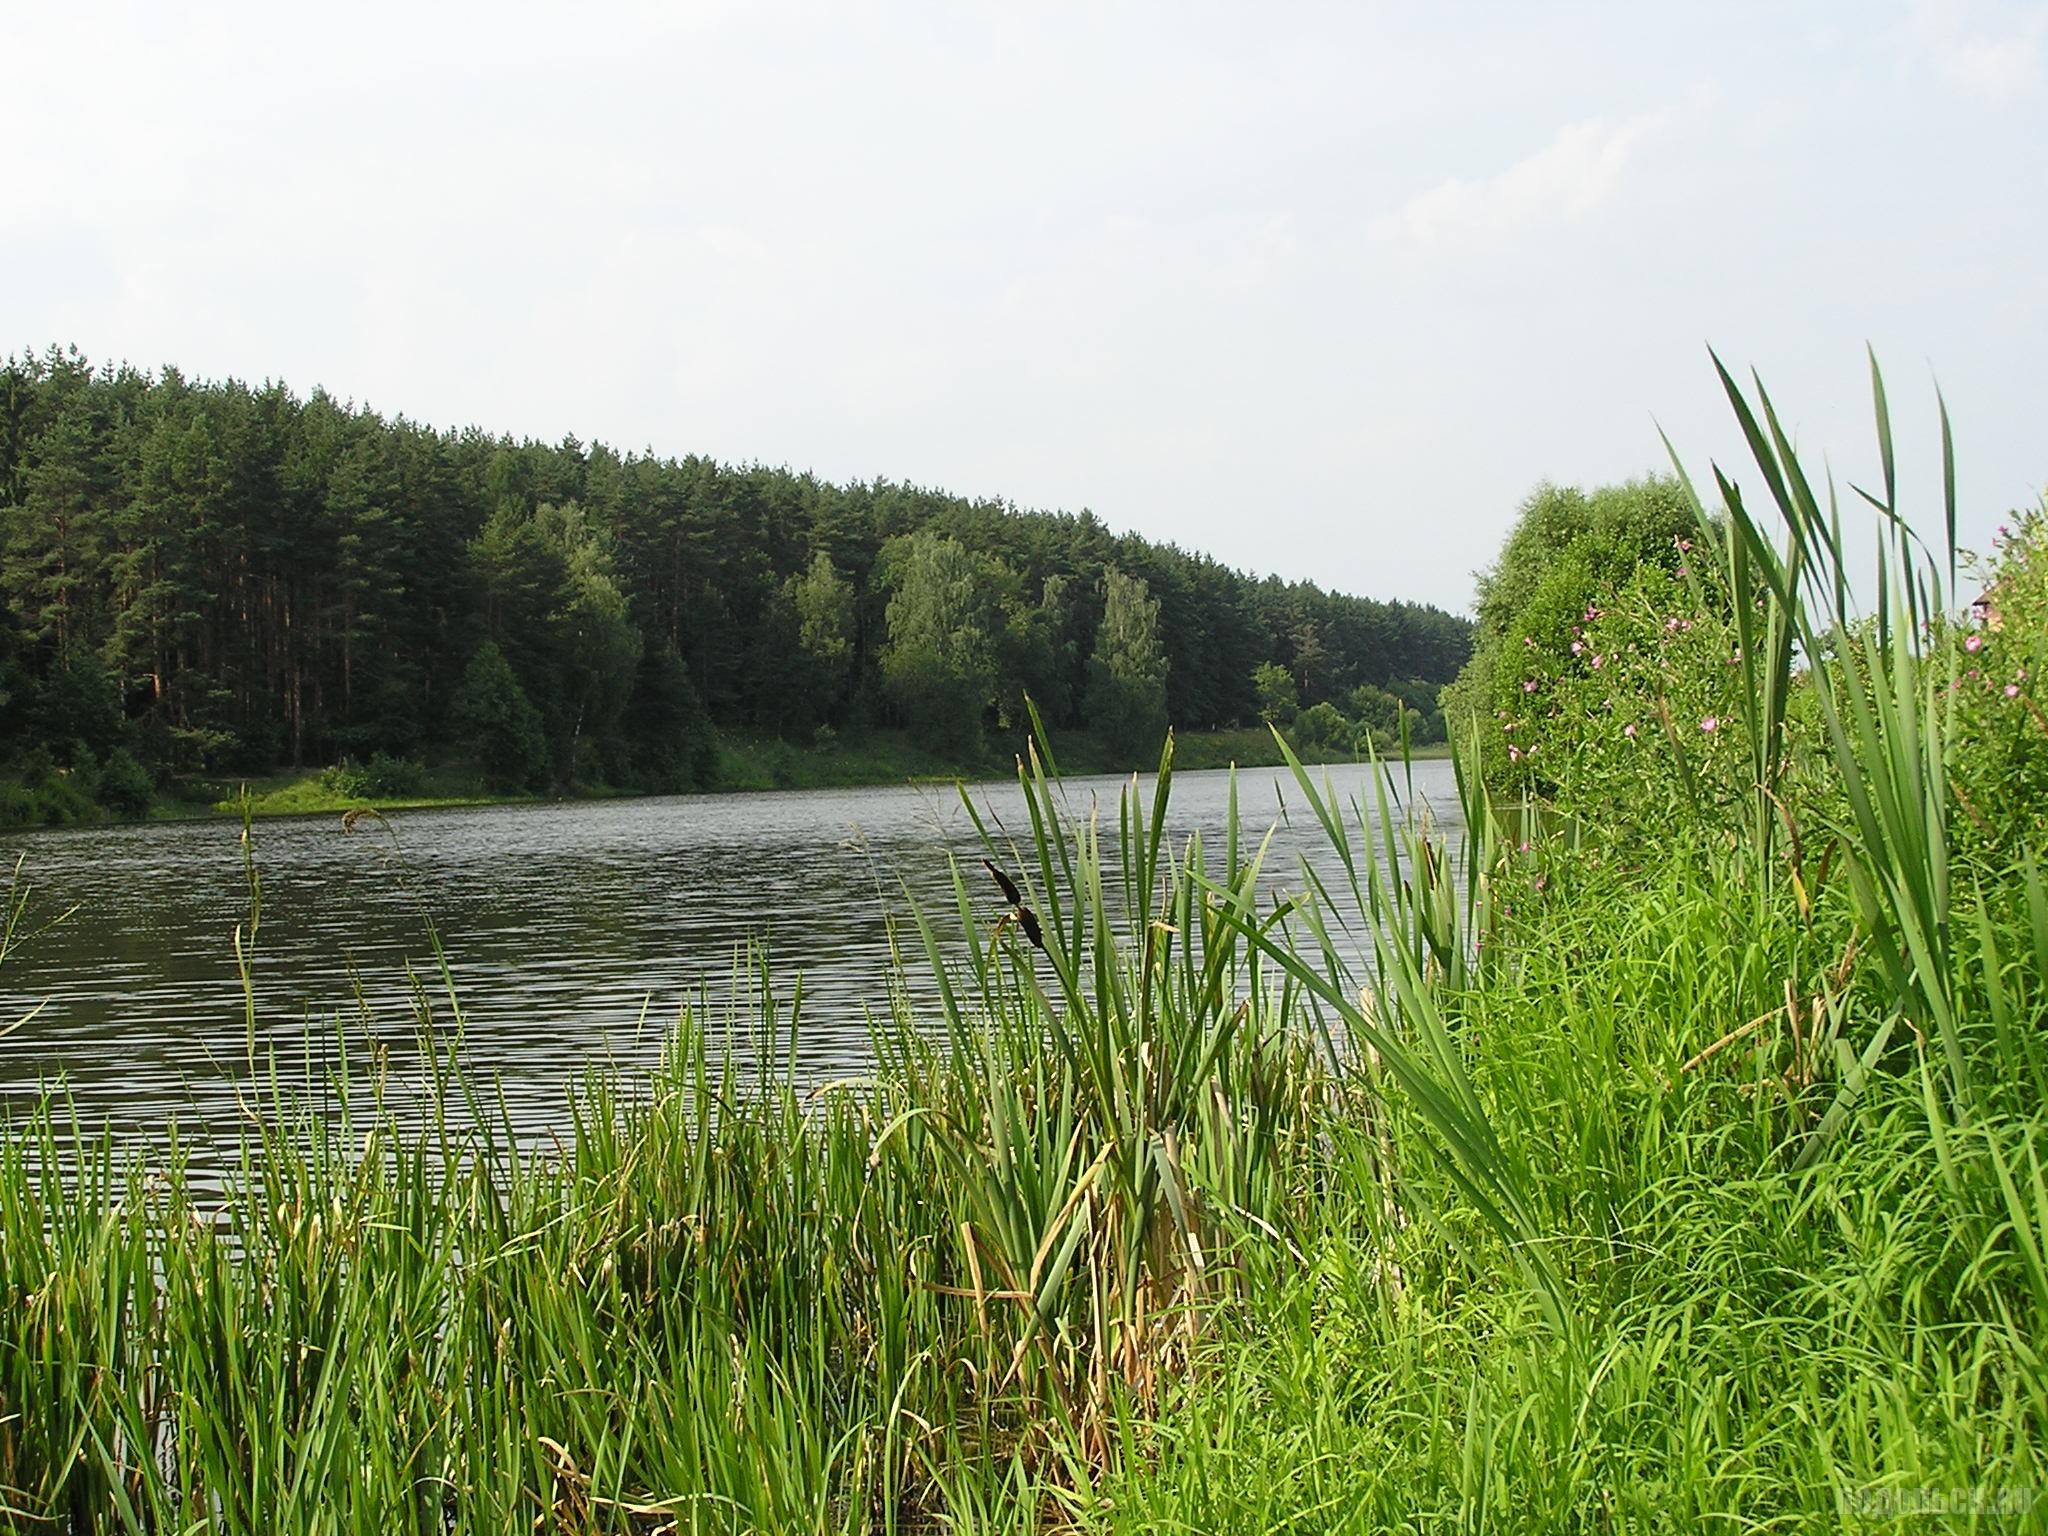 Река Рожай (Сосновка). 16 июля 2016 г.